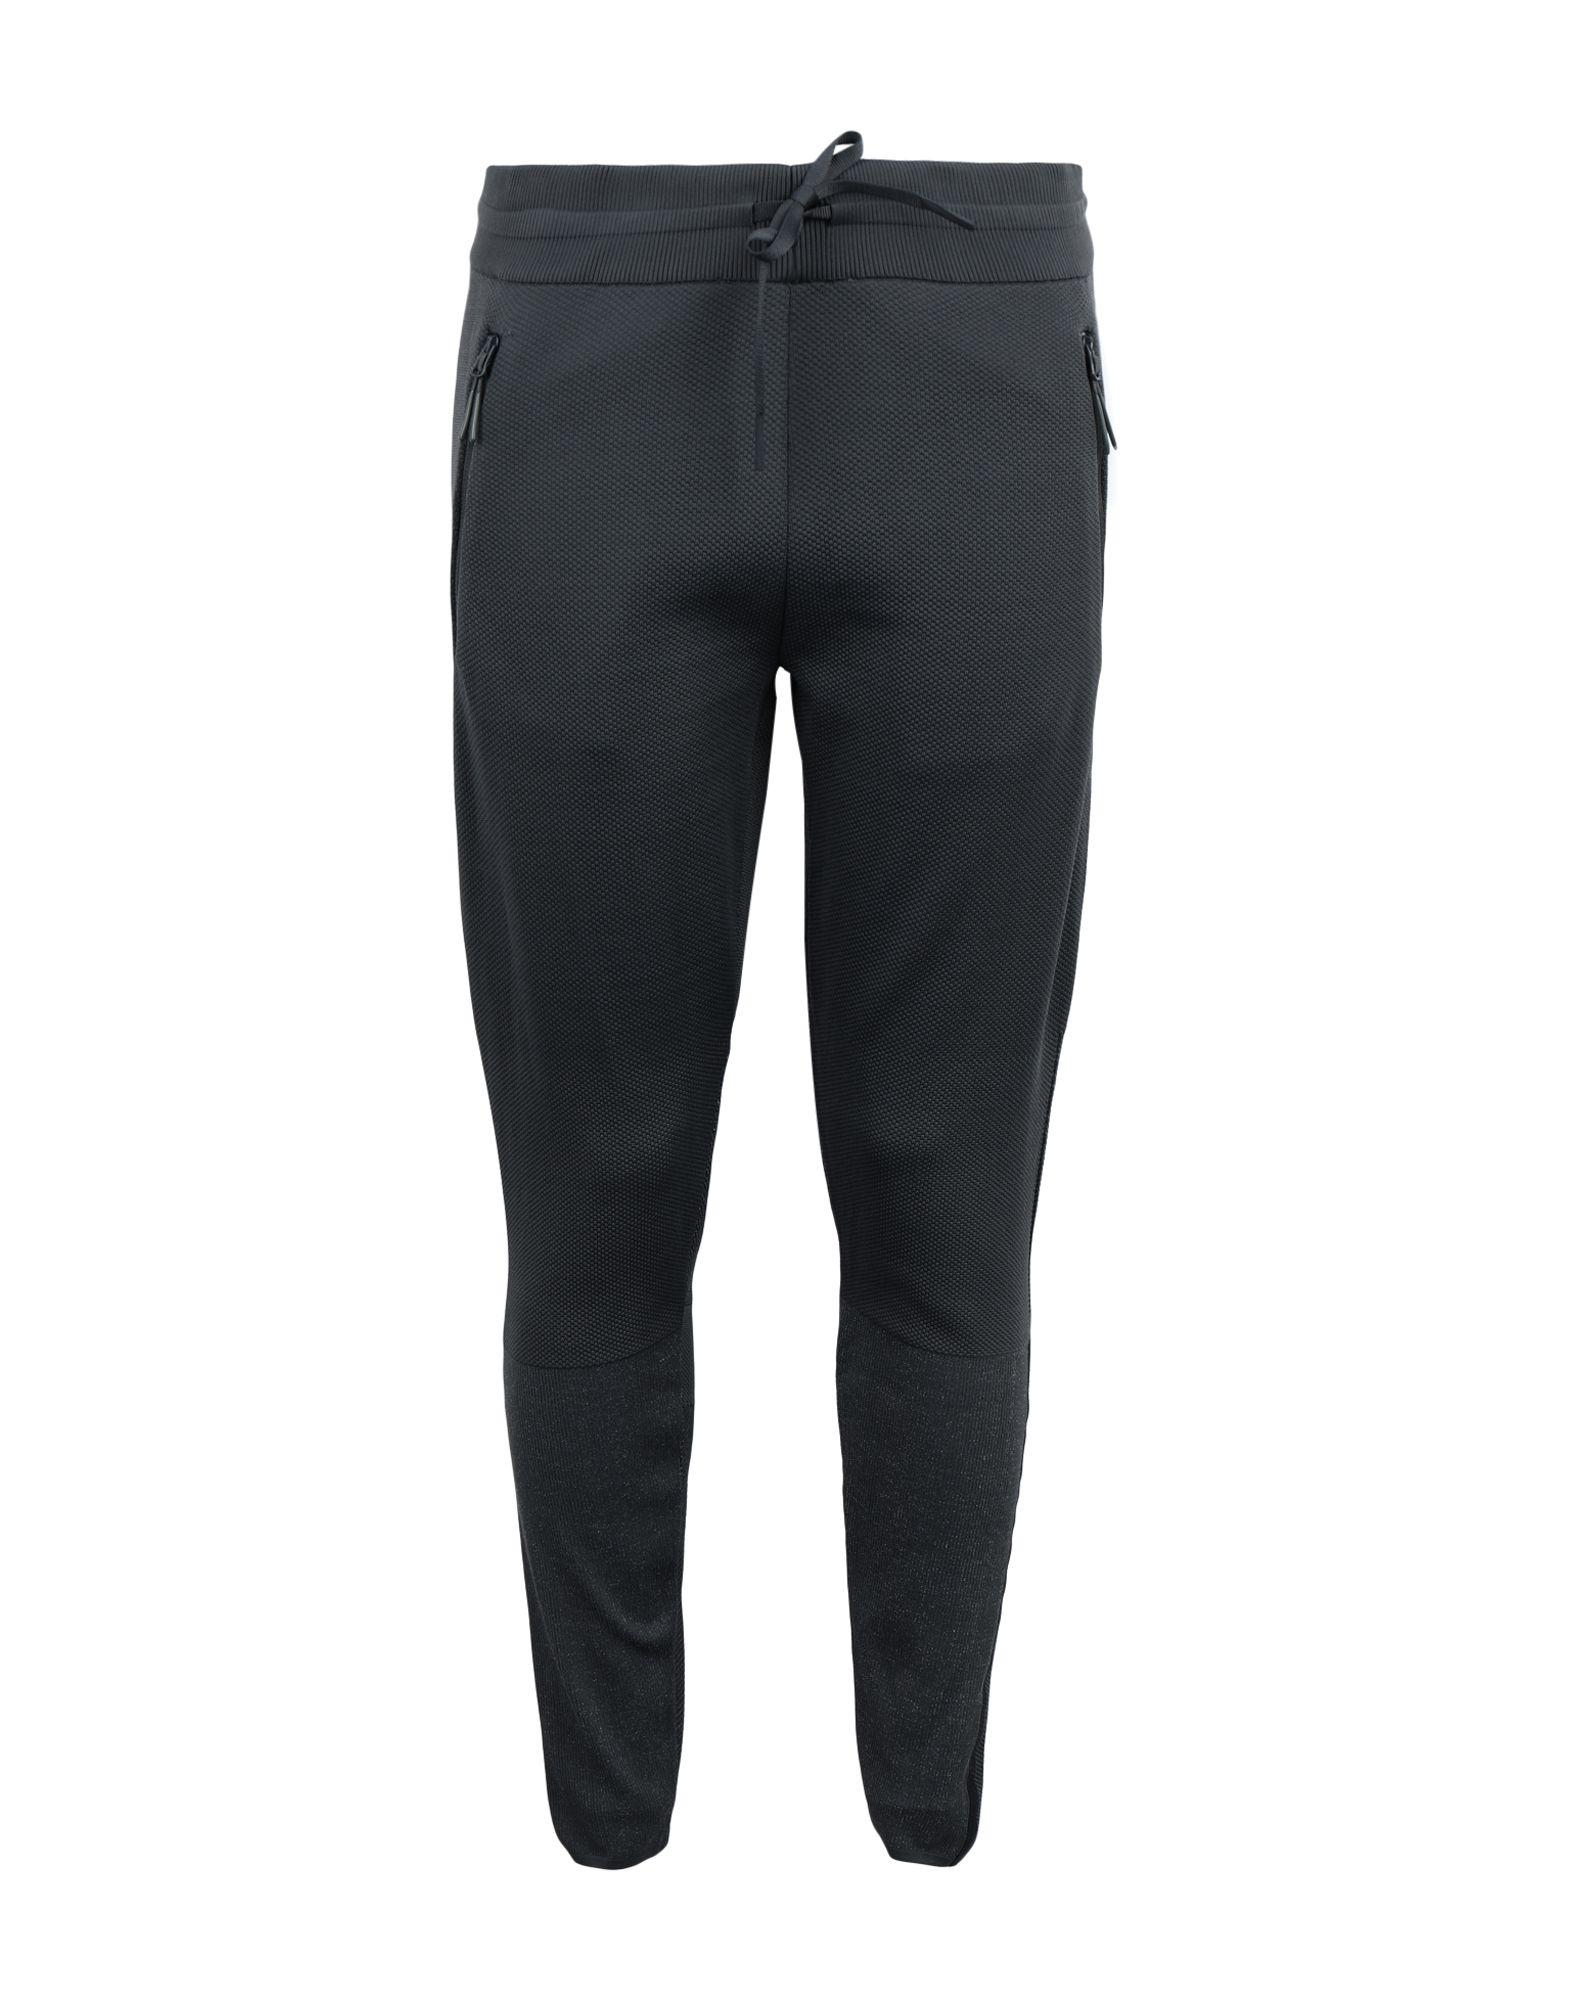 Pantalone Adidas W Zne Pant Pk - damen - 13312437JF